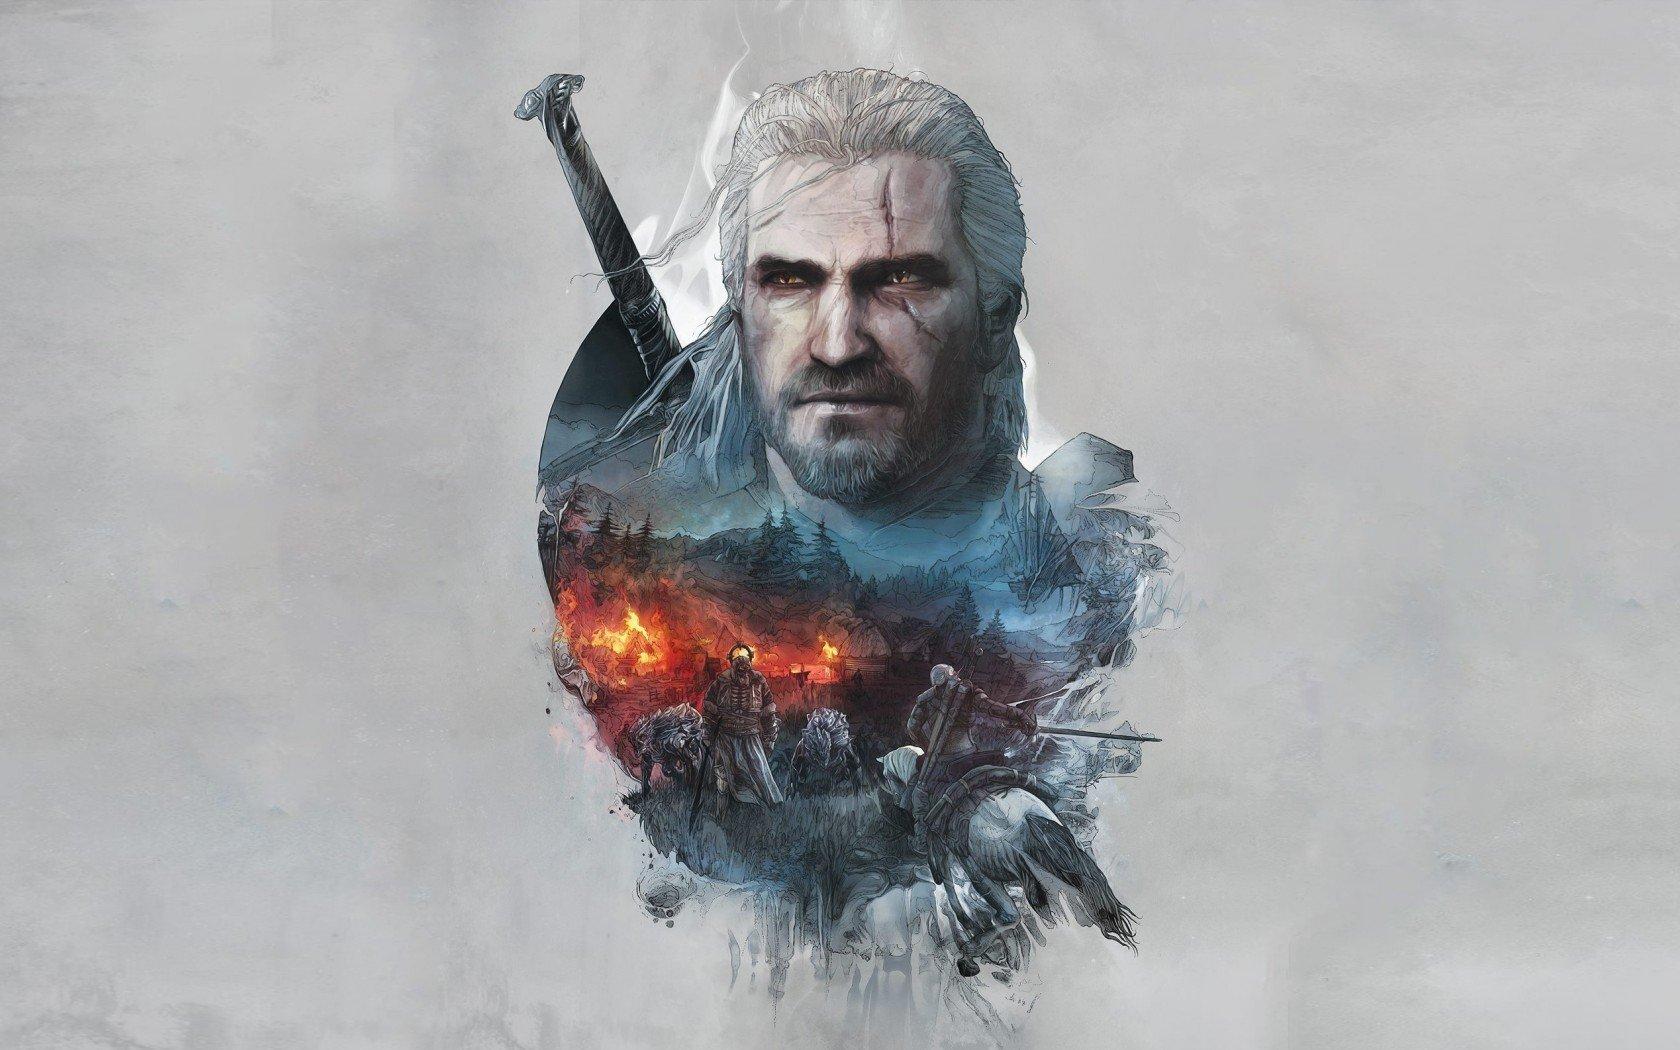 Релиз The Witcher 3: Wild Hunt перенесен на 19 мая 2015 г.   Как многие уже наверняка знают CD PROJEKT RED объявили  .... - Изображение 1